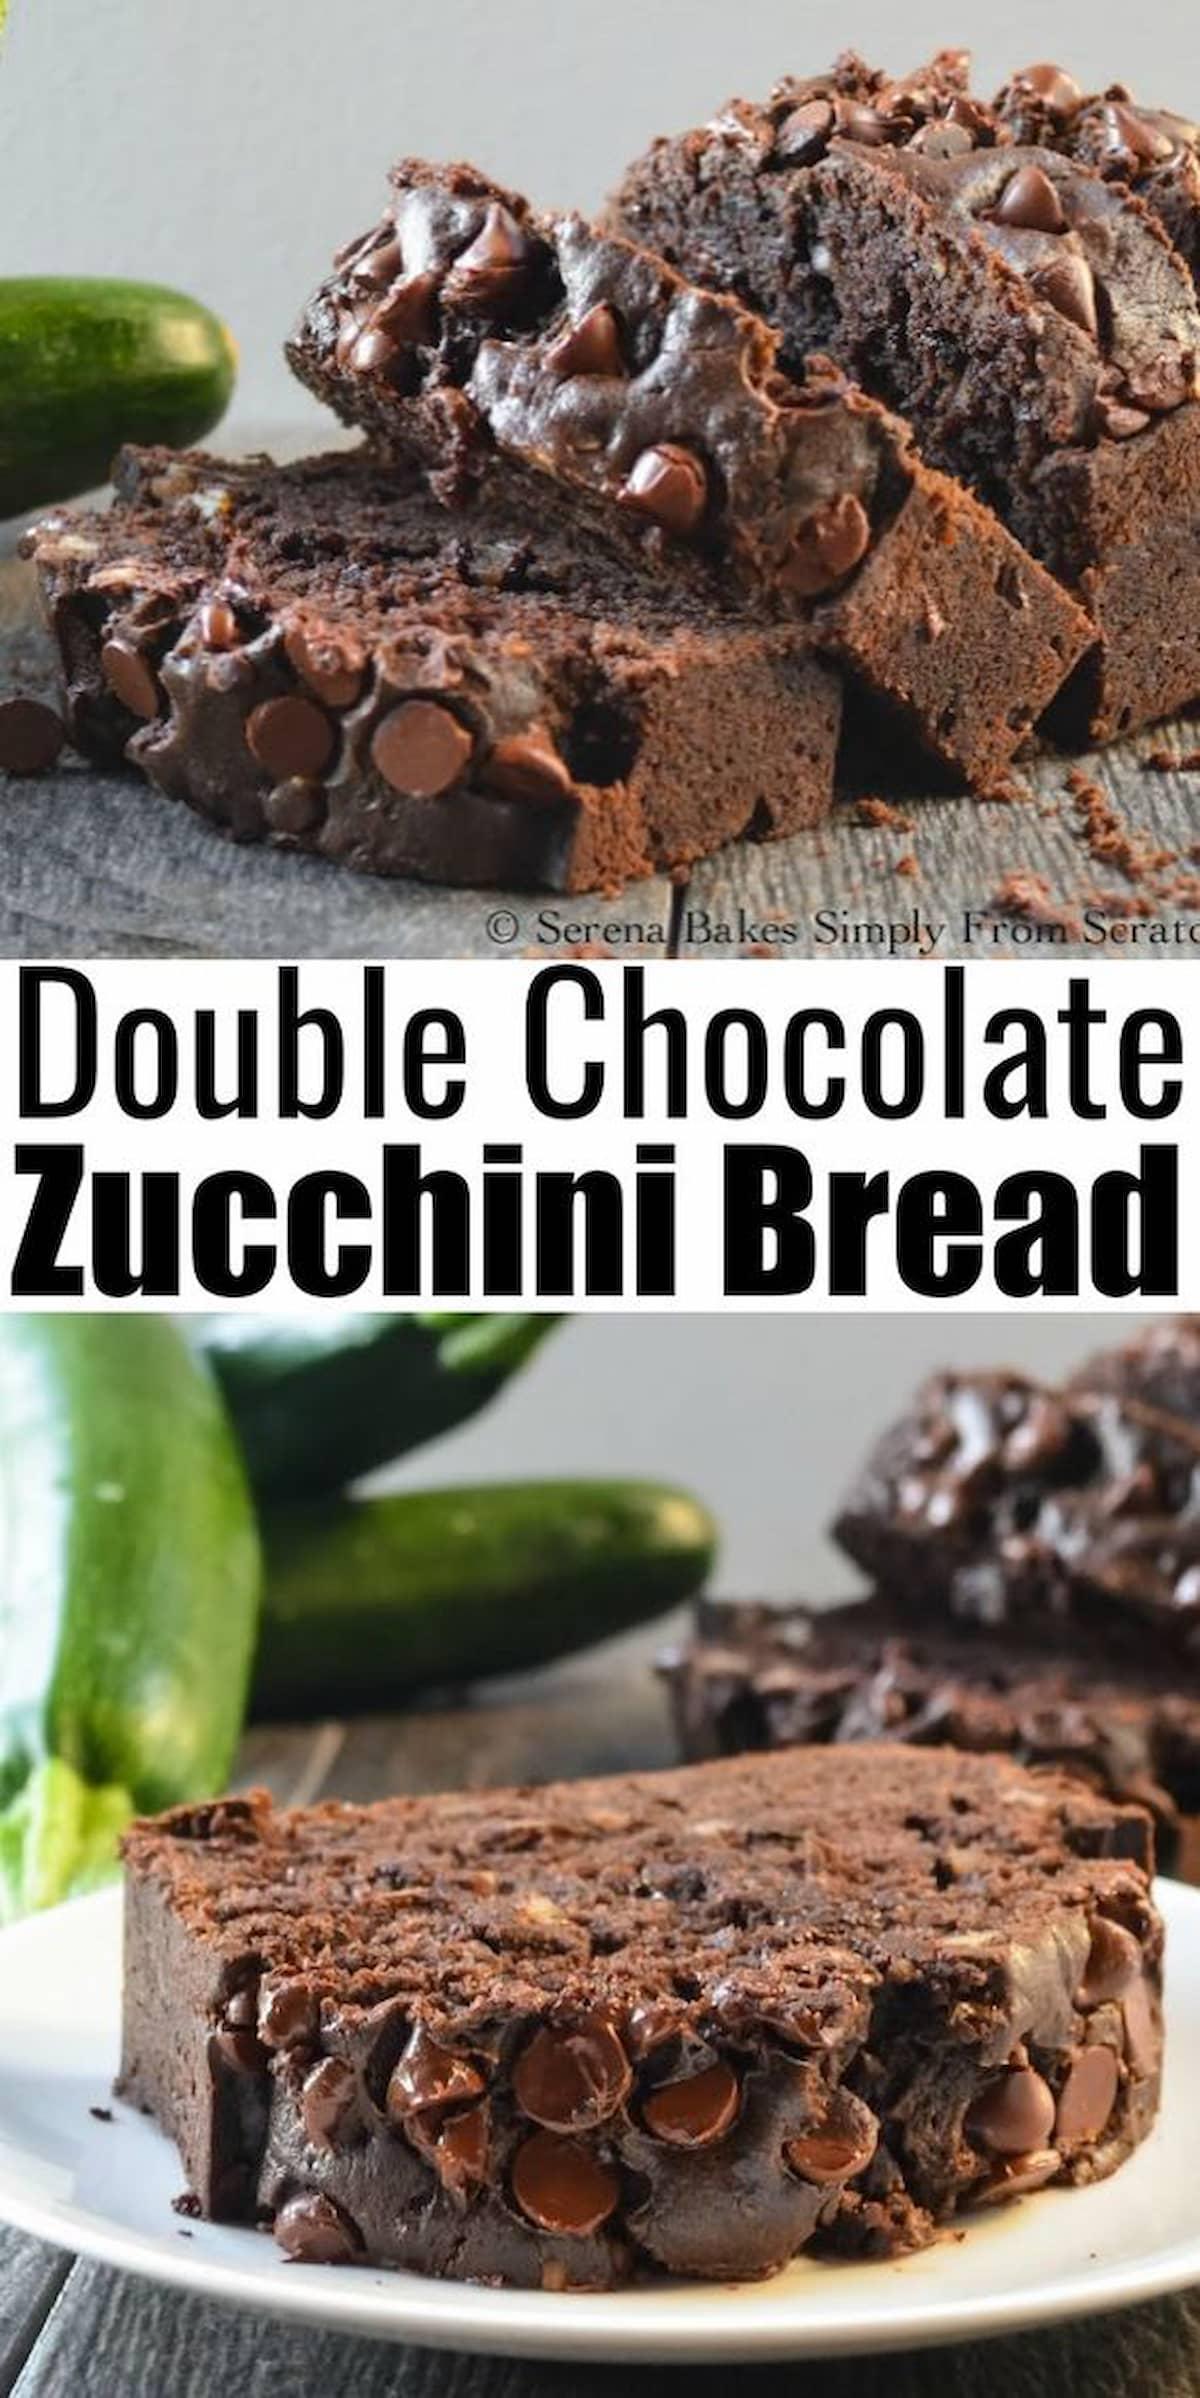 Double Chocolate Zucchini Bread recipe.